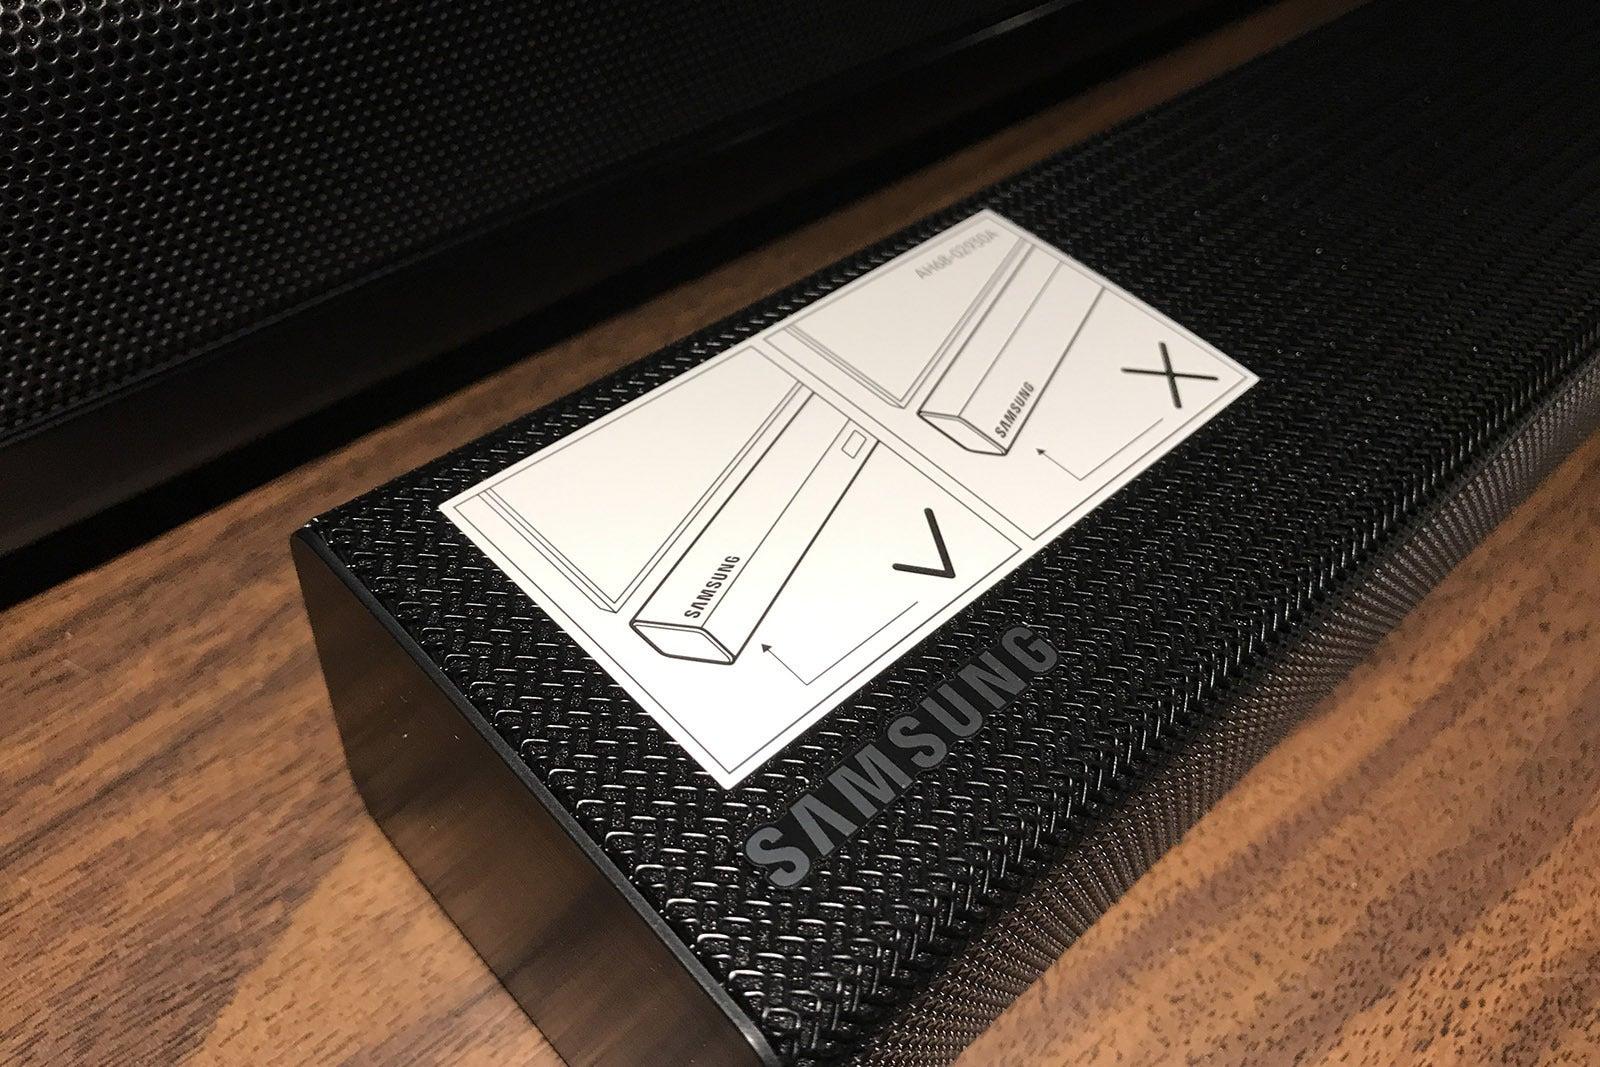 Samsung Hw M450 Soundbar Review Techhive